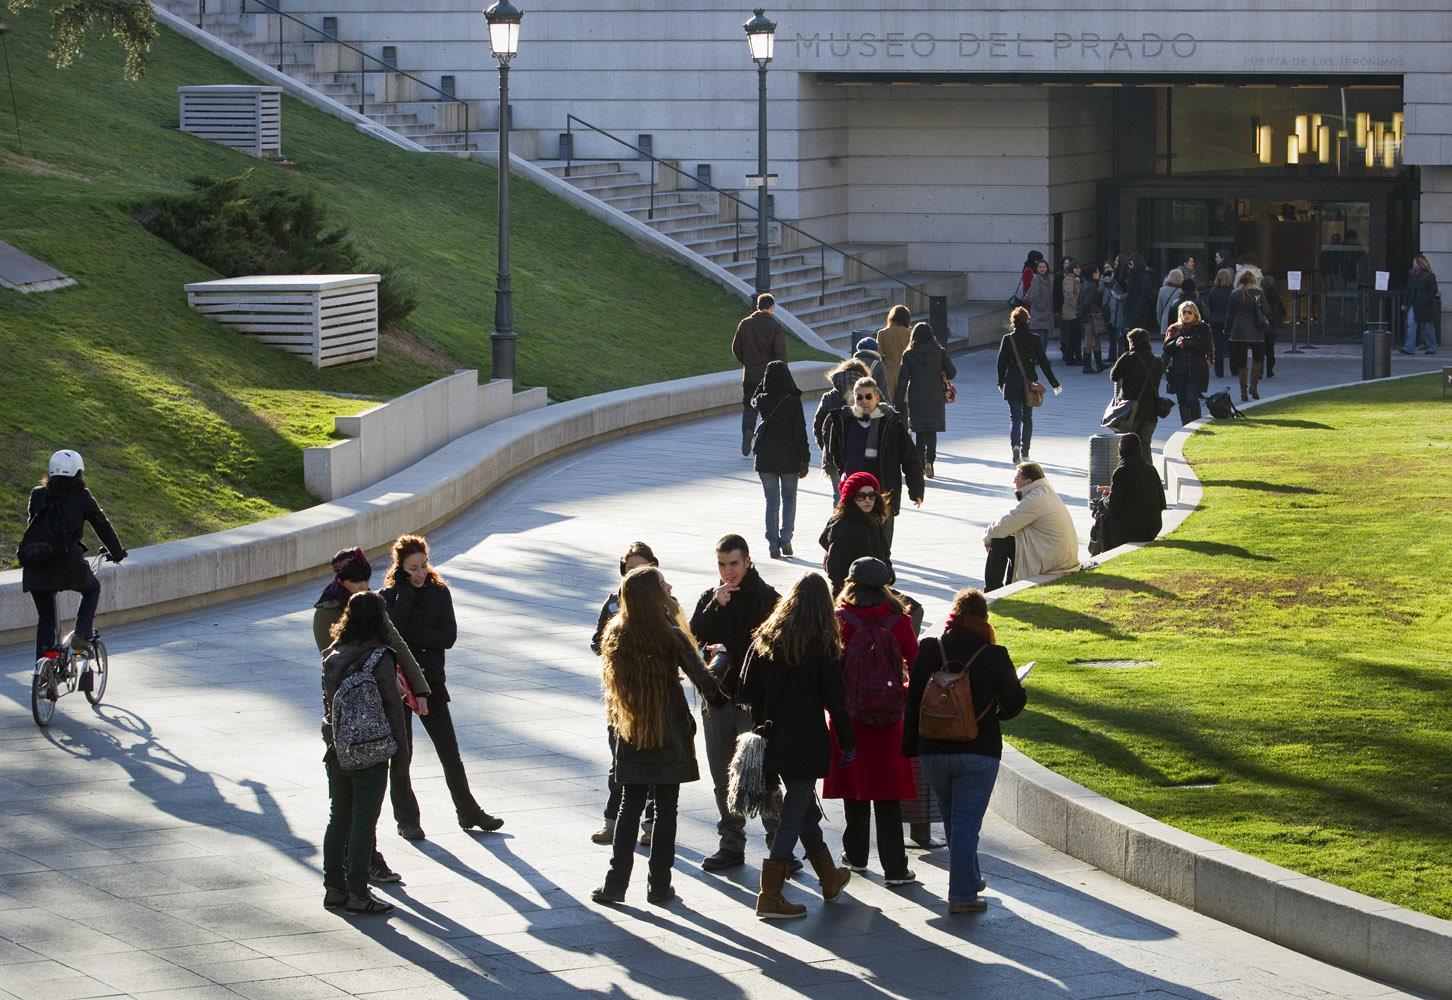 El Museo del Prado amplía sus propuestas de visita con nuevas modalidades de entrada y más facilidades de acceso